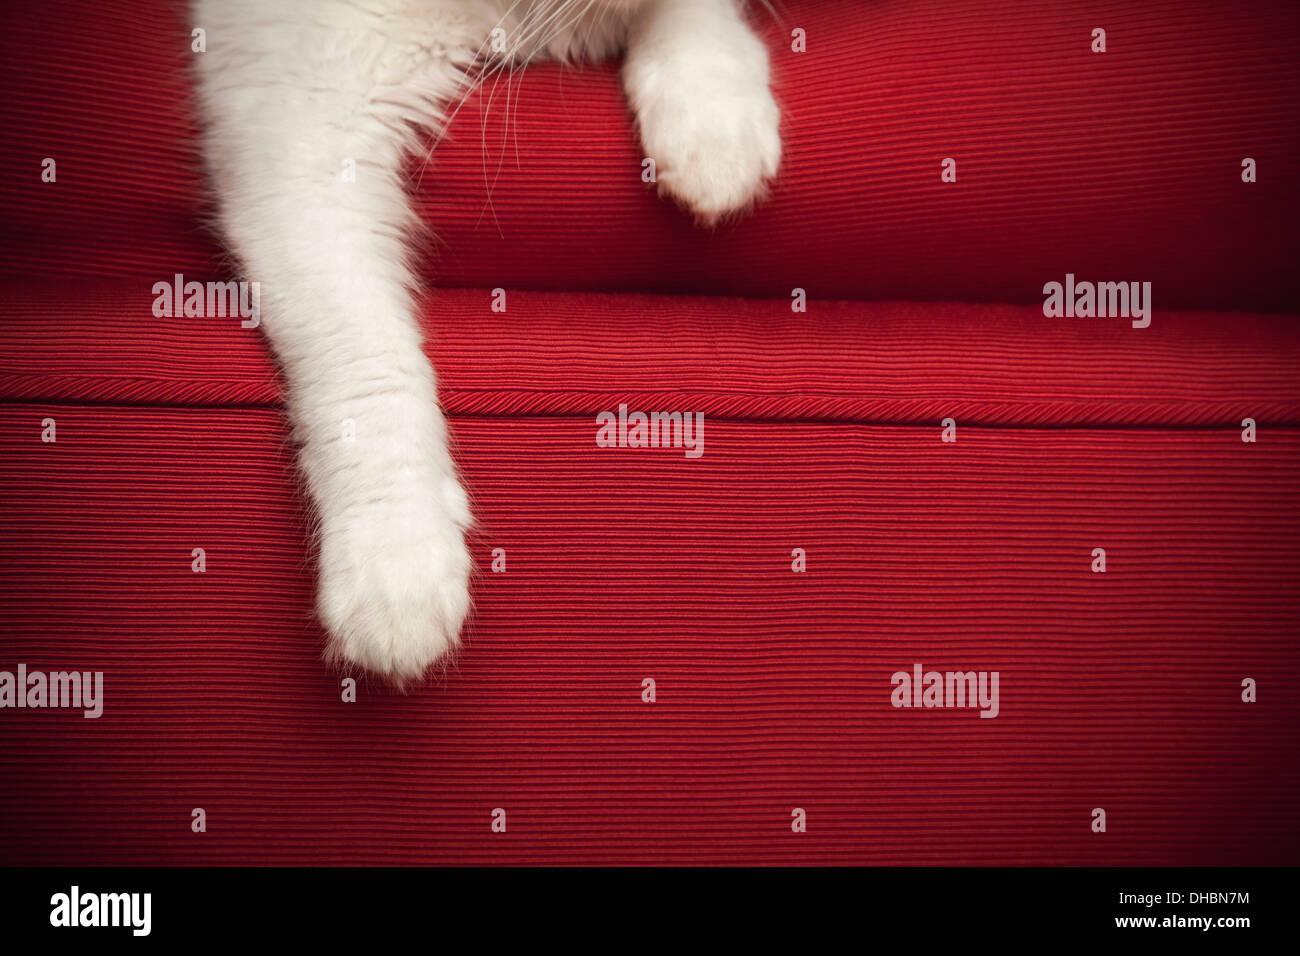 Un chaton sur un canapé rouge. Vue sur les pattes avant et patte. Photo Stock